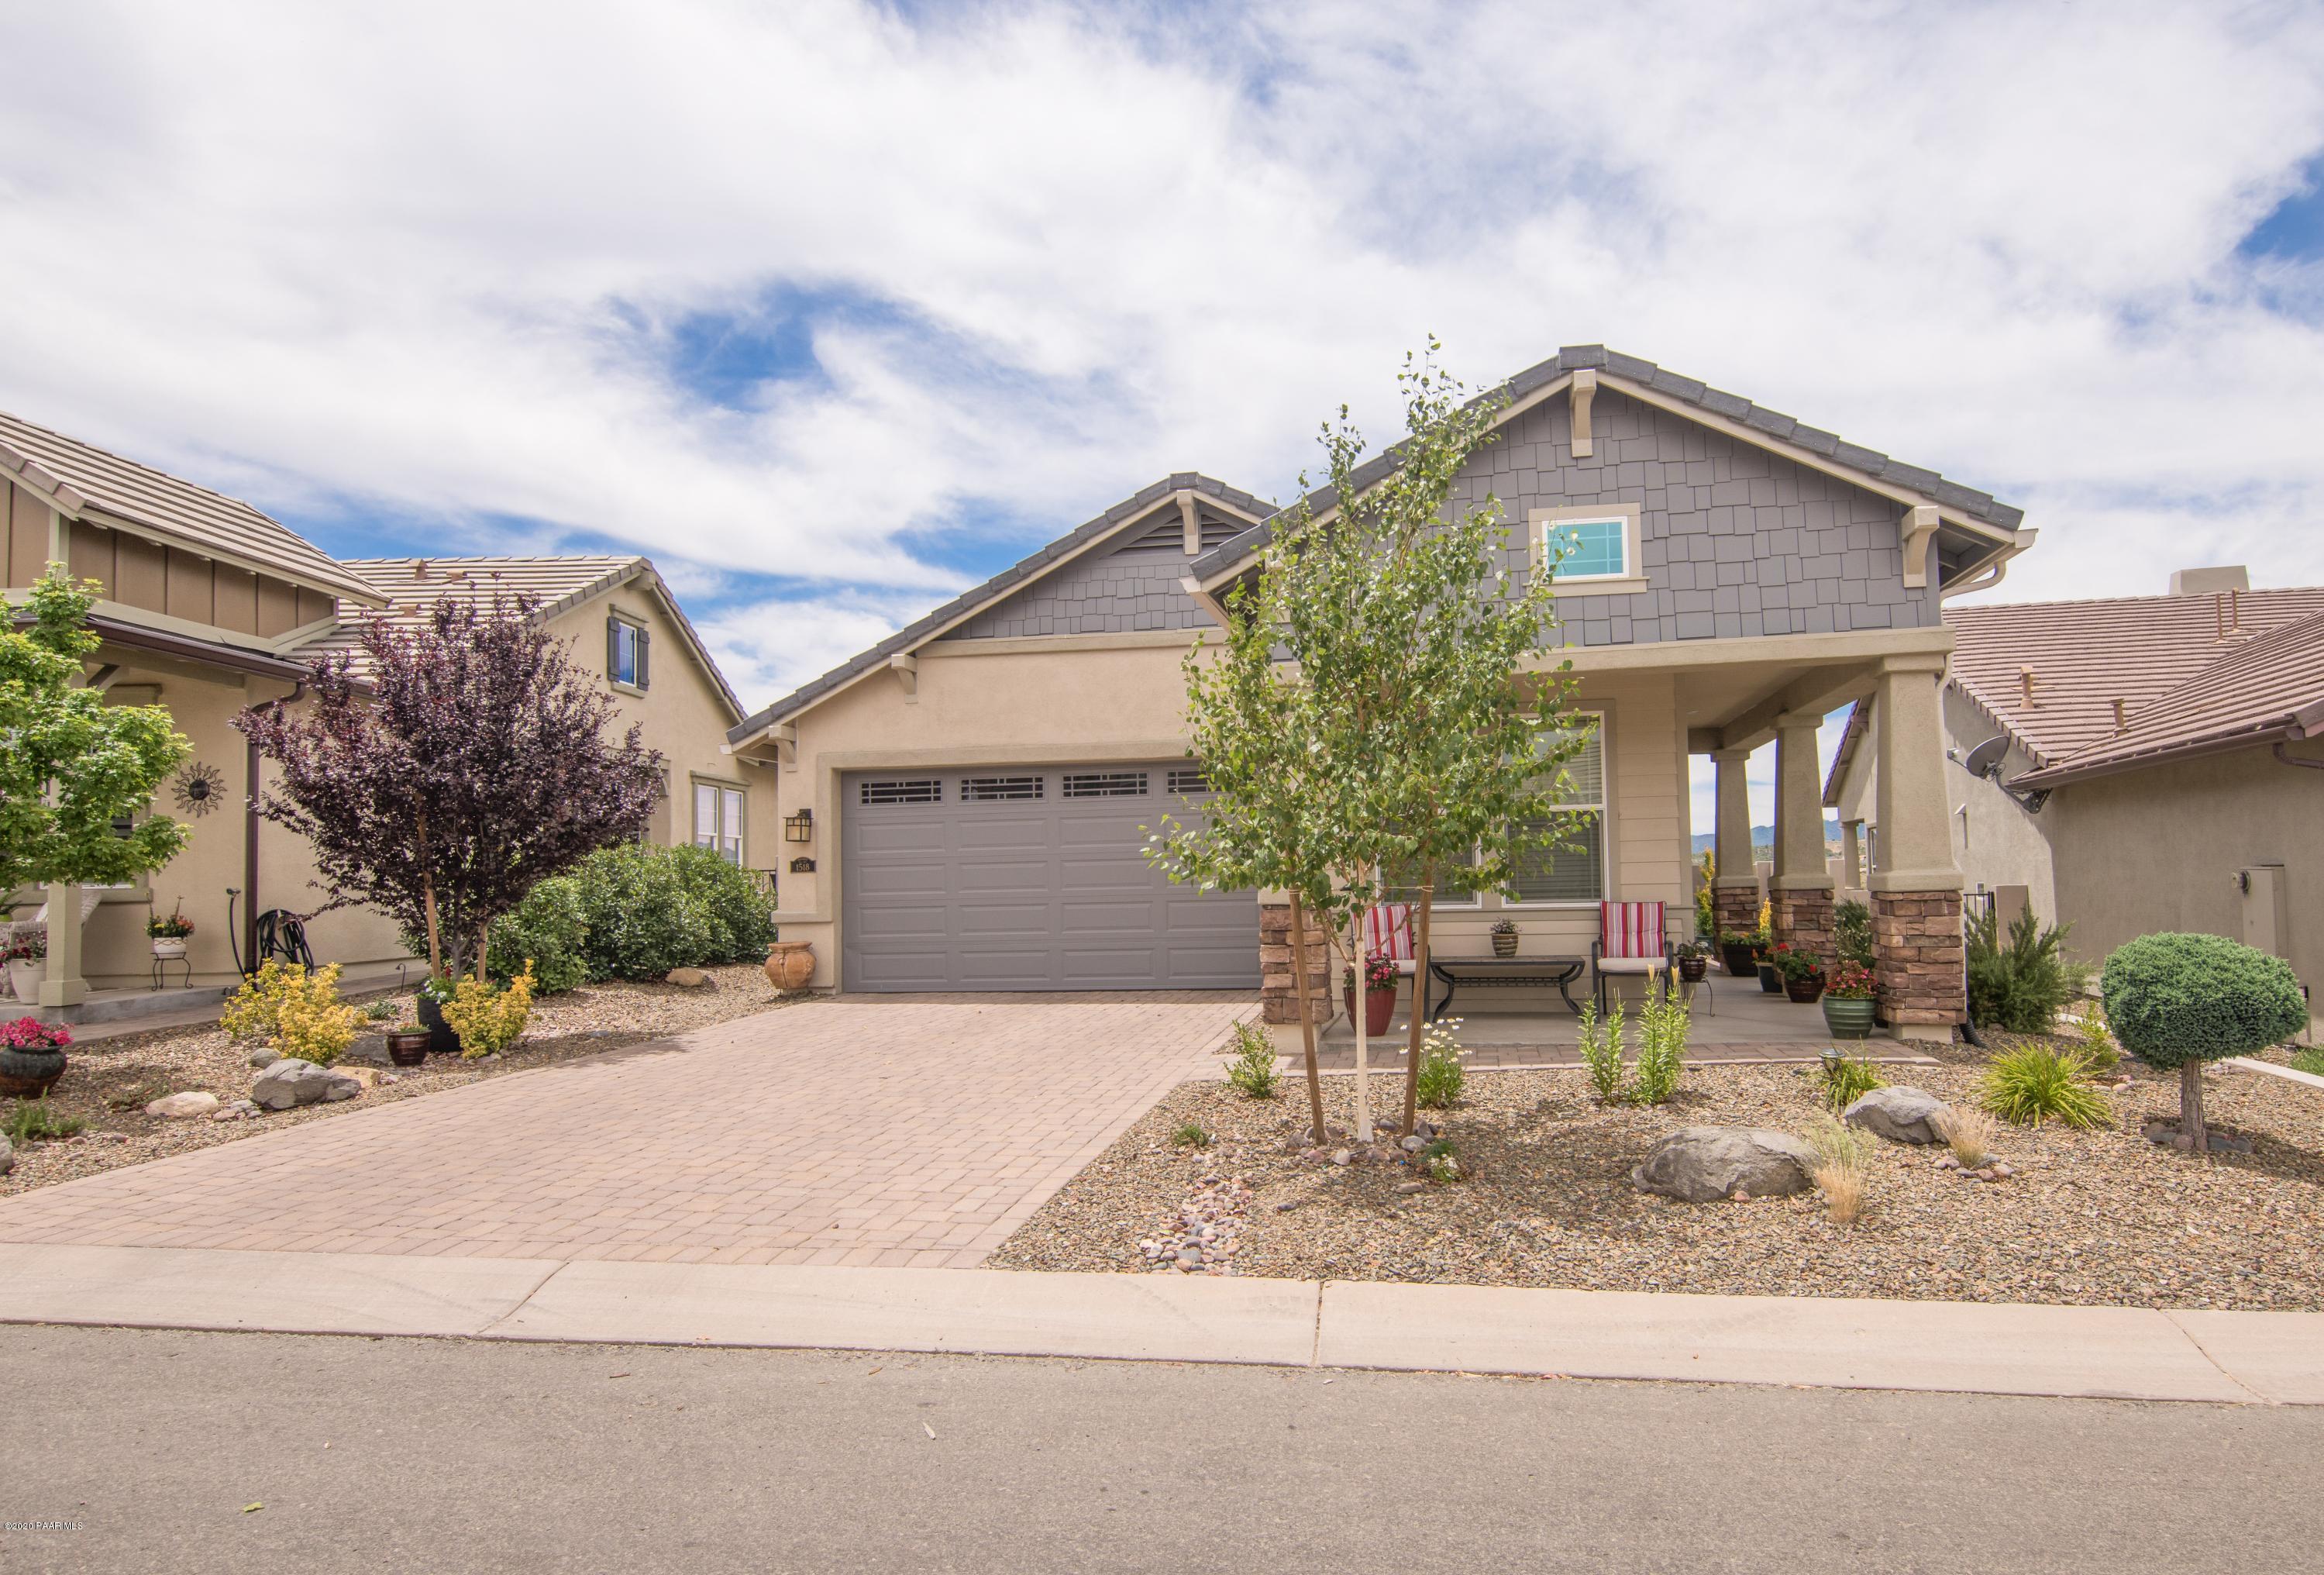 Photo of 1518 Varsity, Prescott, AZ 86301